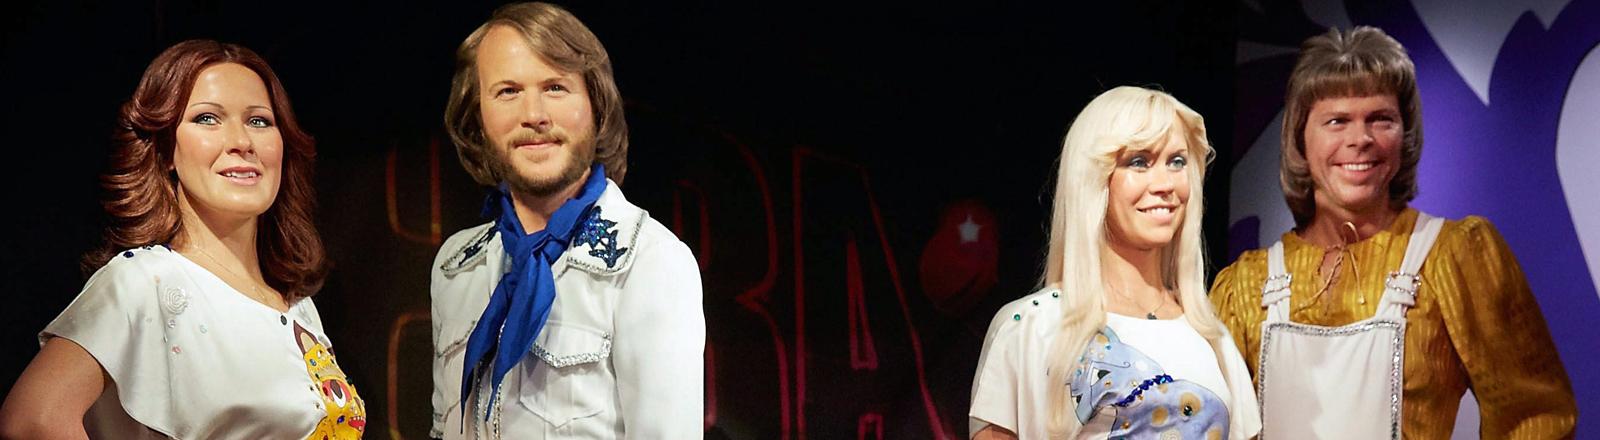 Wachsfiguren von ABBA